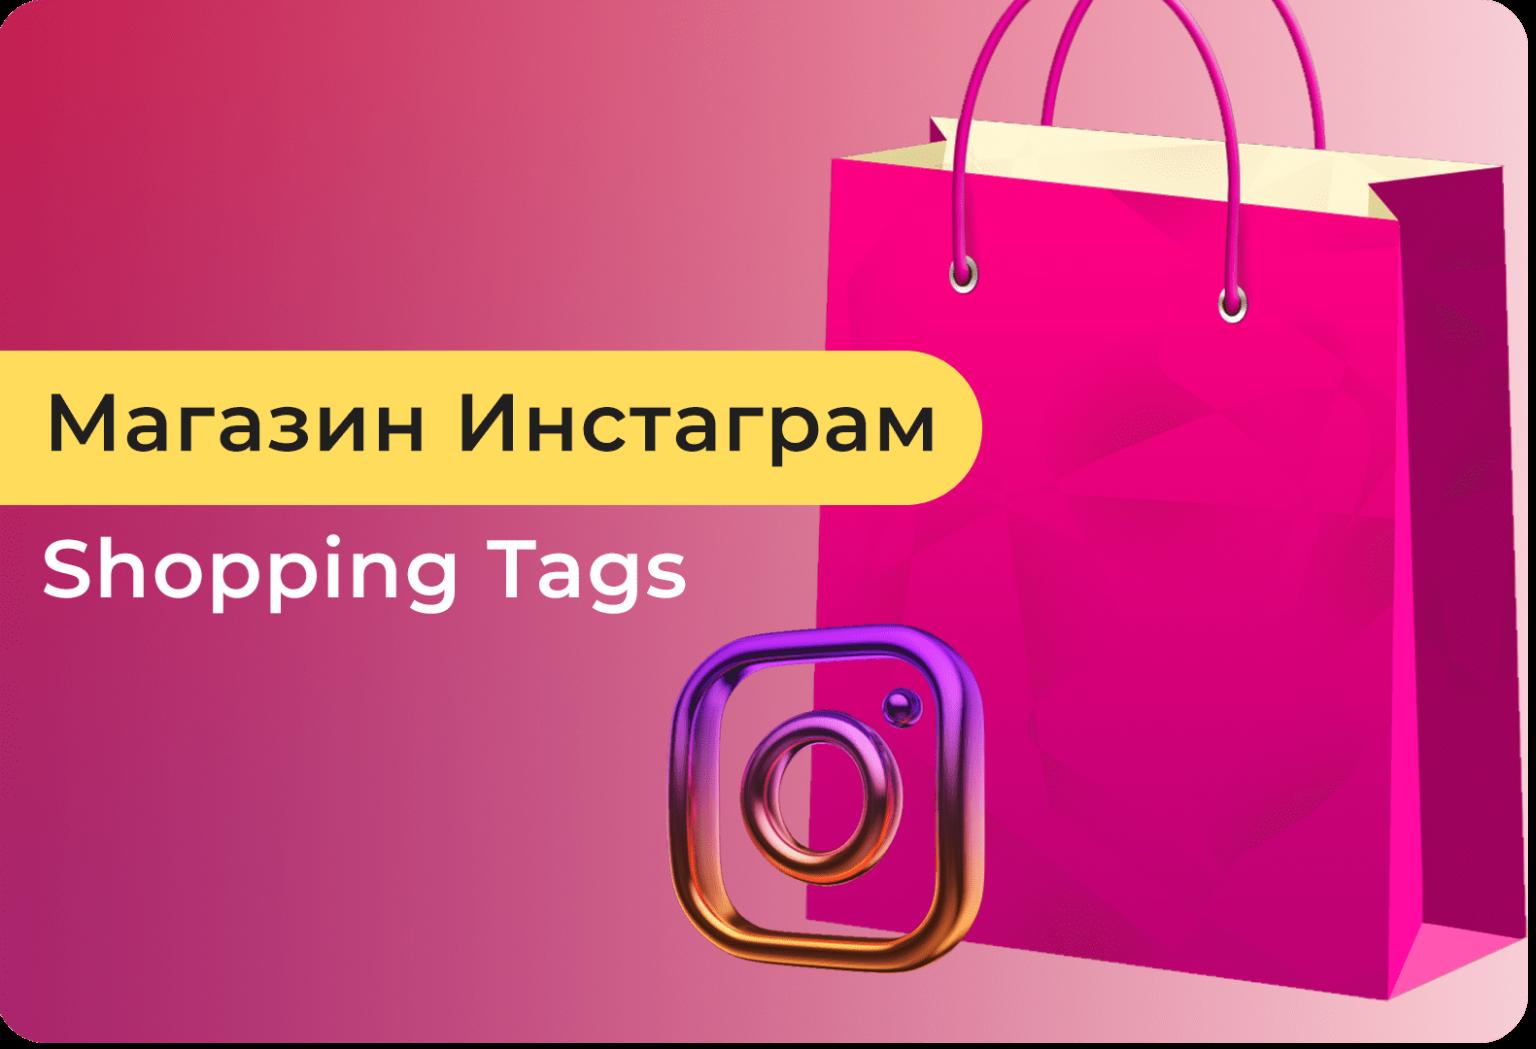 купить подписчиков инстаграм россия